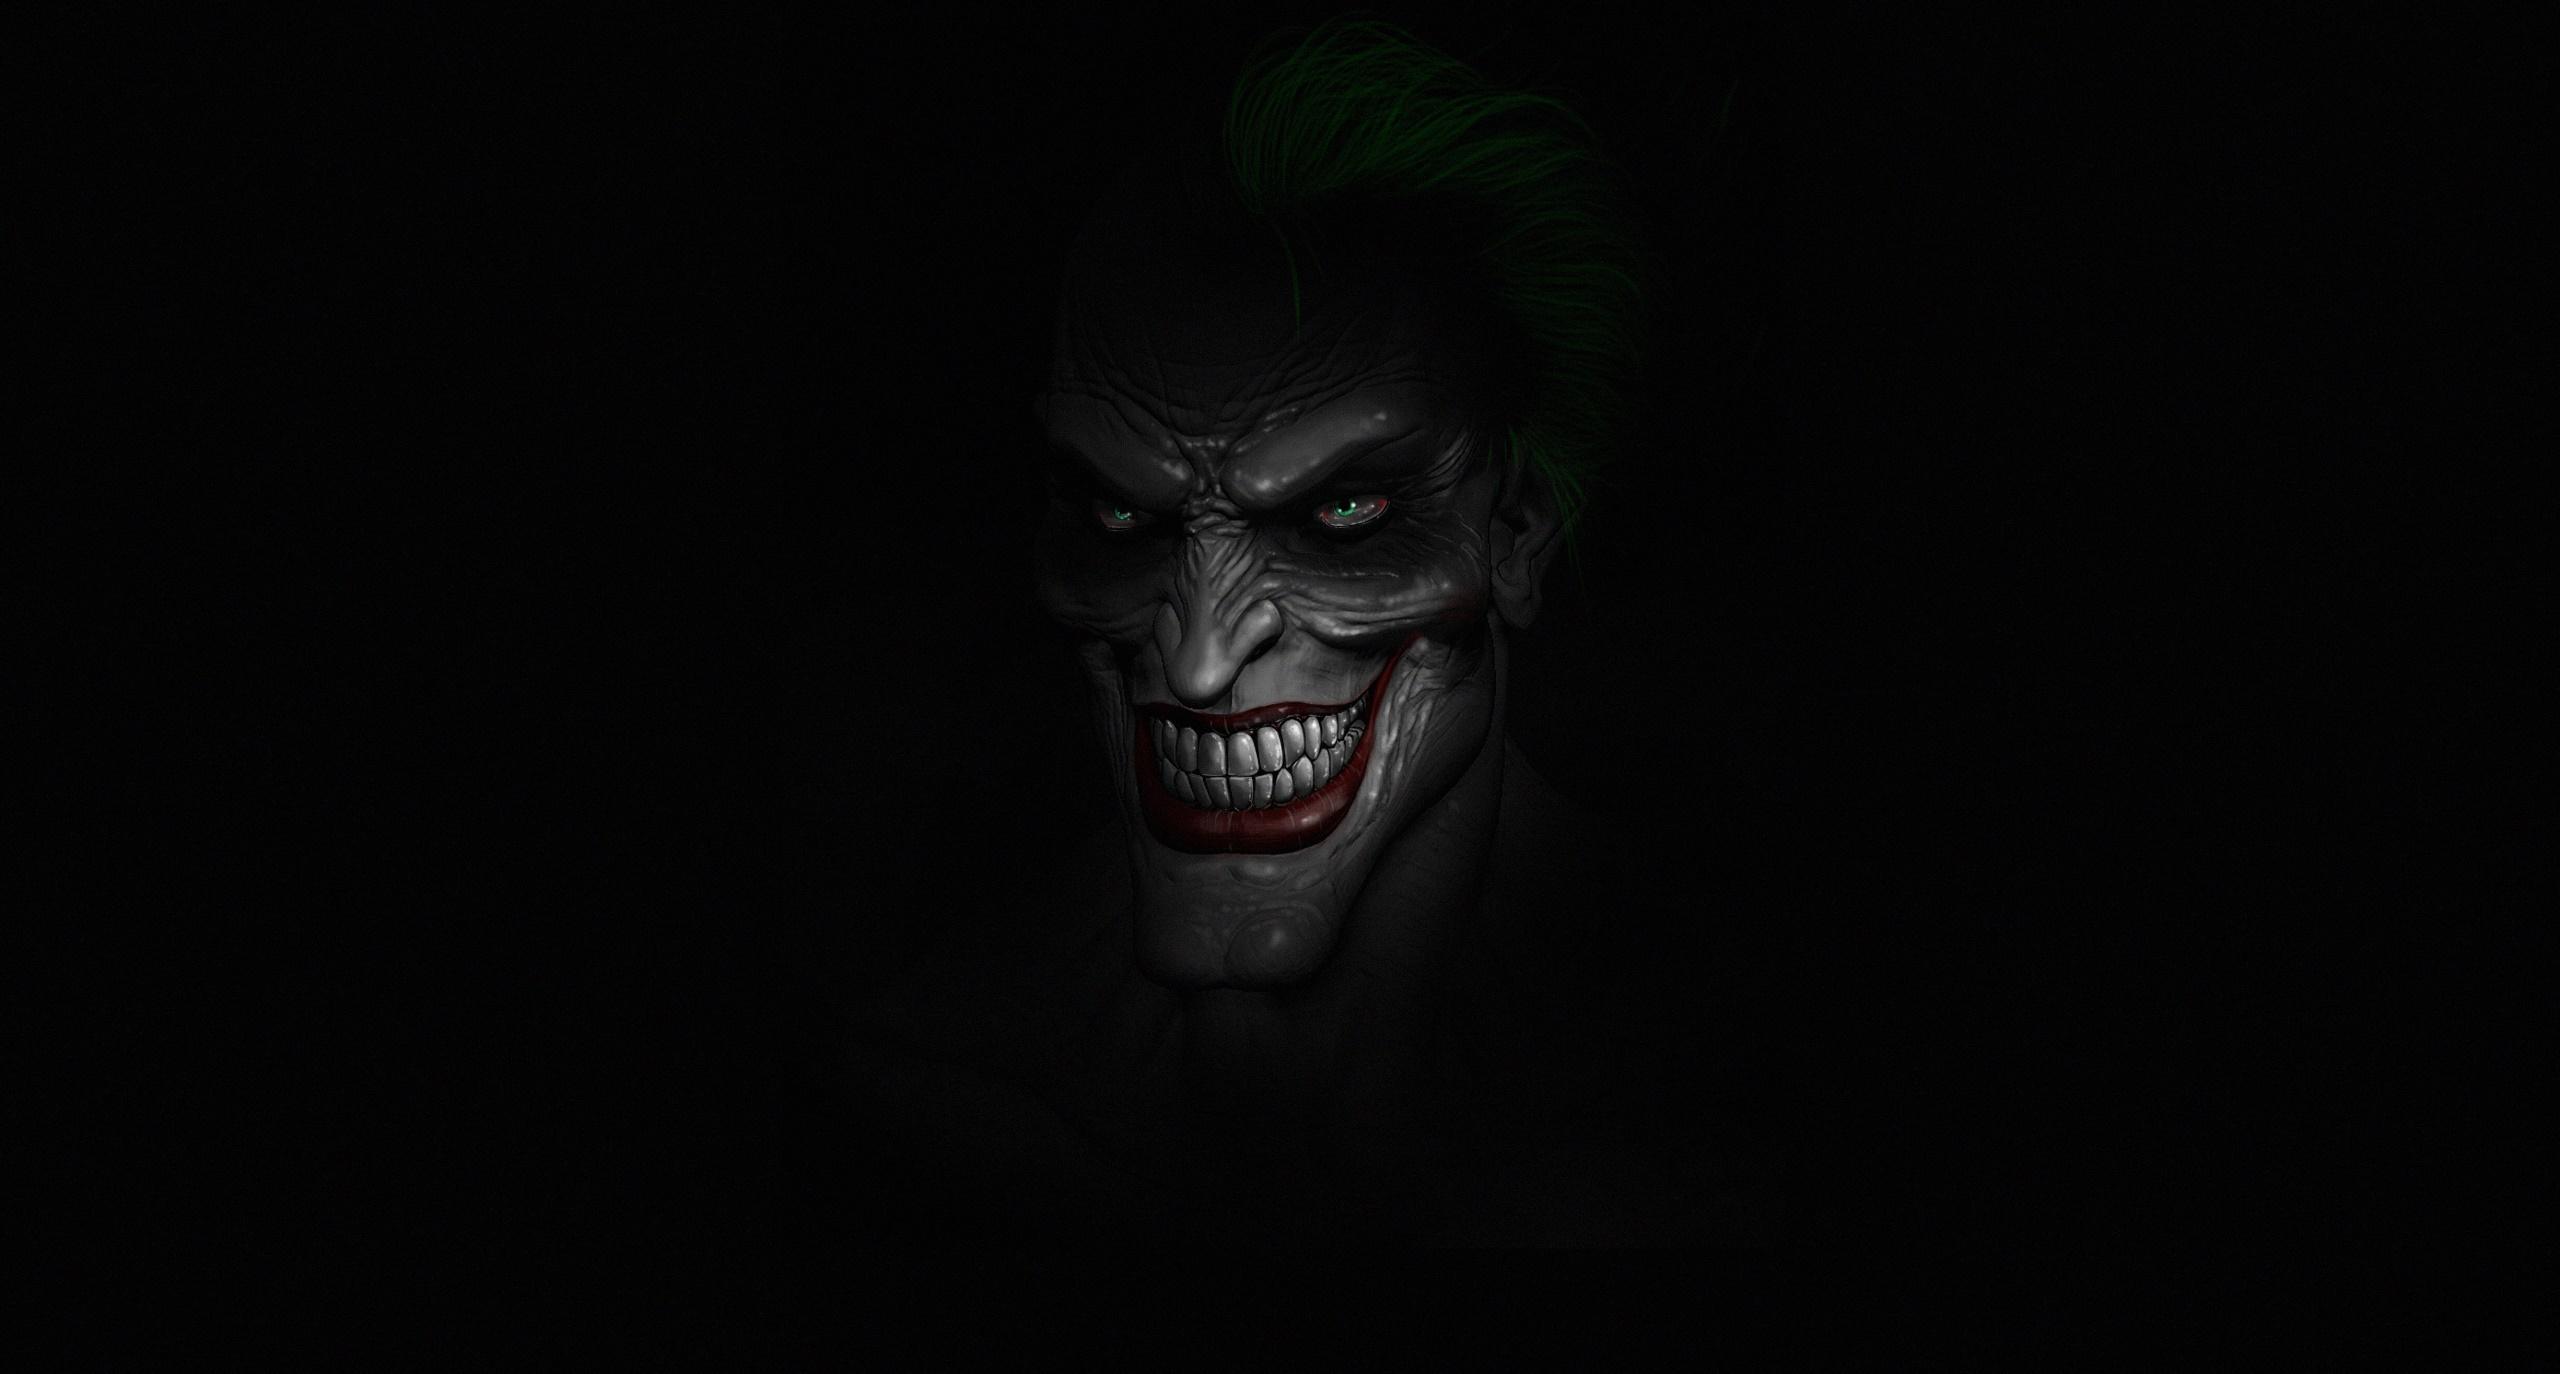 Unduh 85 Wallpaper Hd Joker Gratis Terbaru